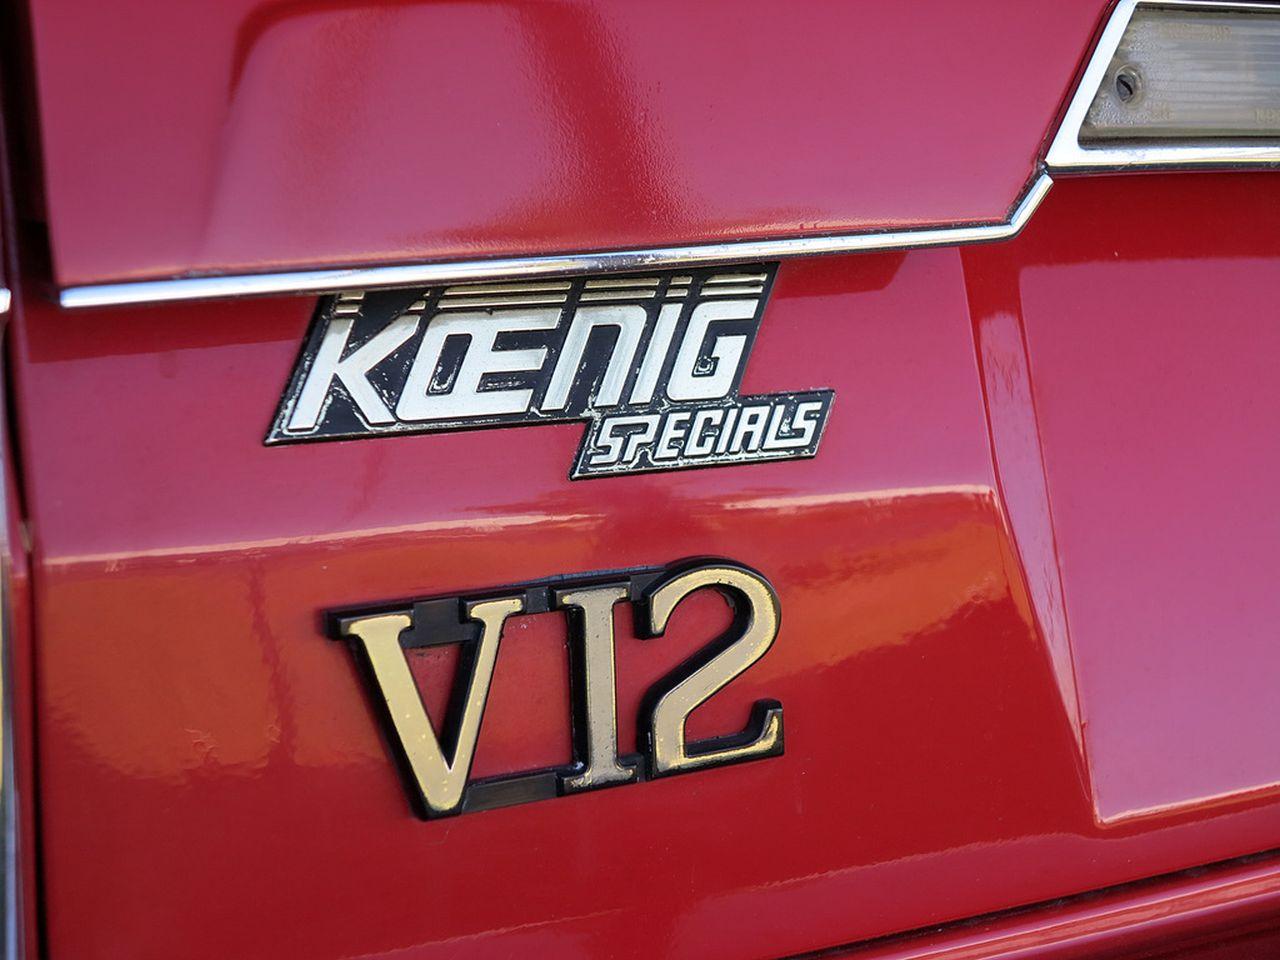 1982 Jaguar XJS Koenig Specials - Parce qu'en soi ton avis... 5